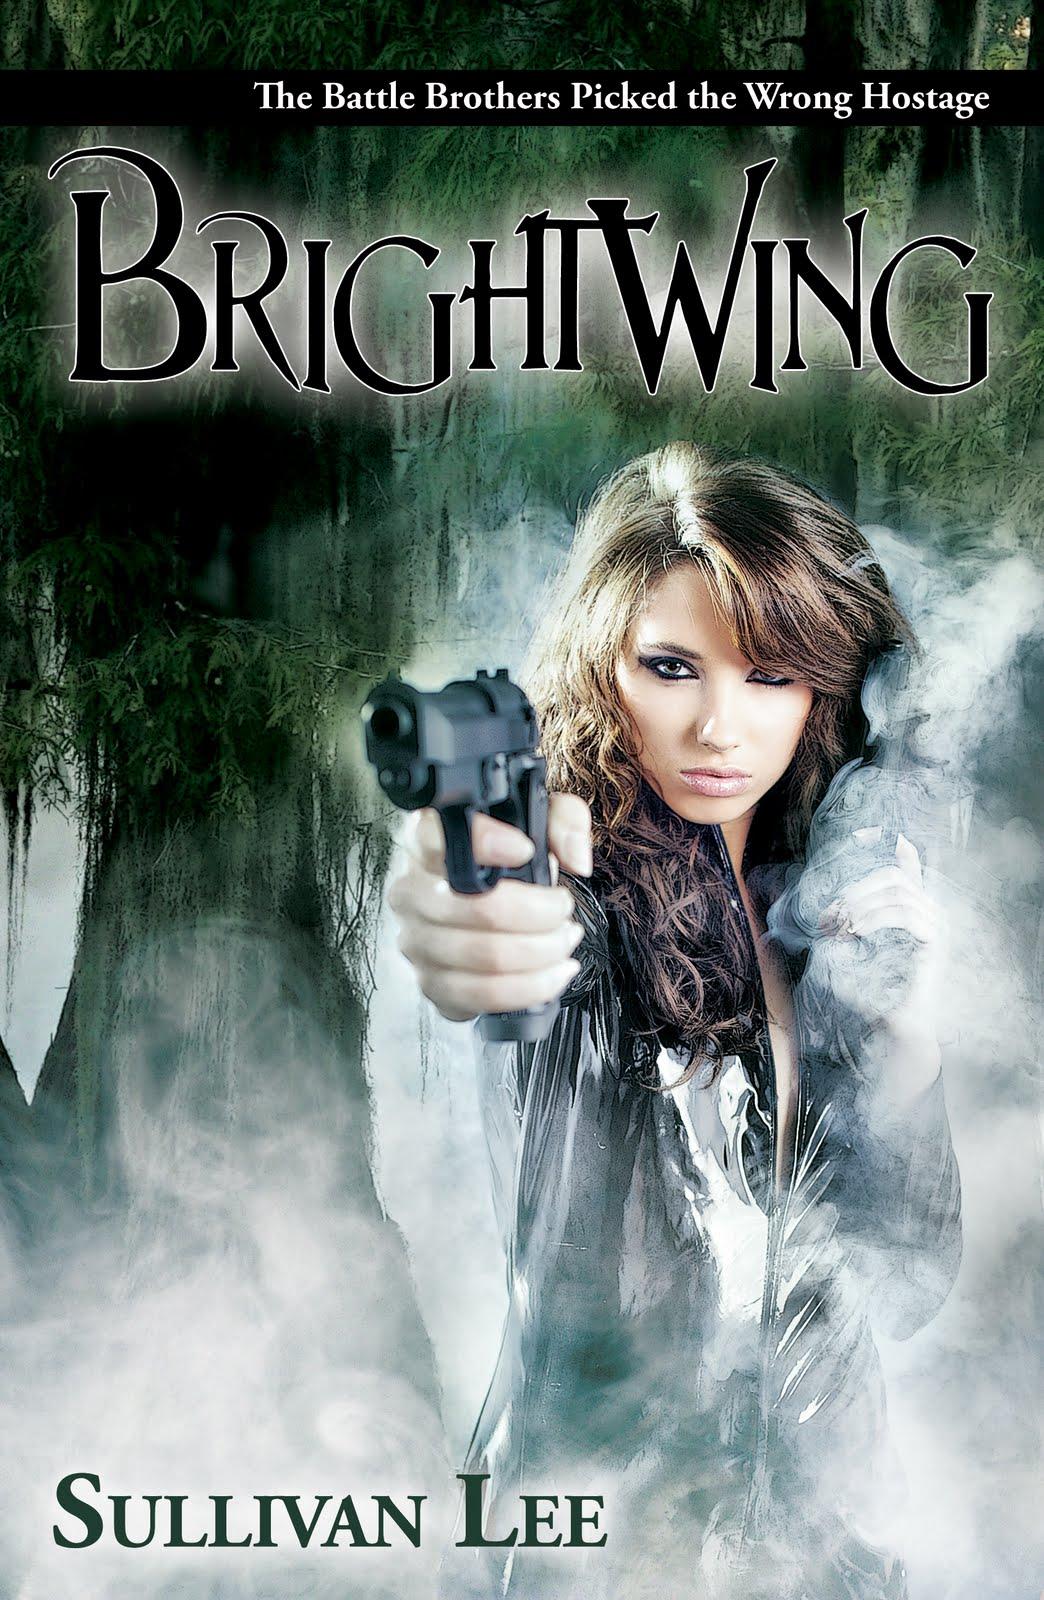 http://2.bp.blogspot.com/-VRHNTfFjcSs/TlAGfCLSKOI/AAAAAAAAAQw/71l_43TG2So/s1600/Brightwing2.jpg